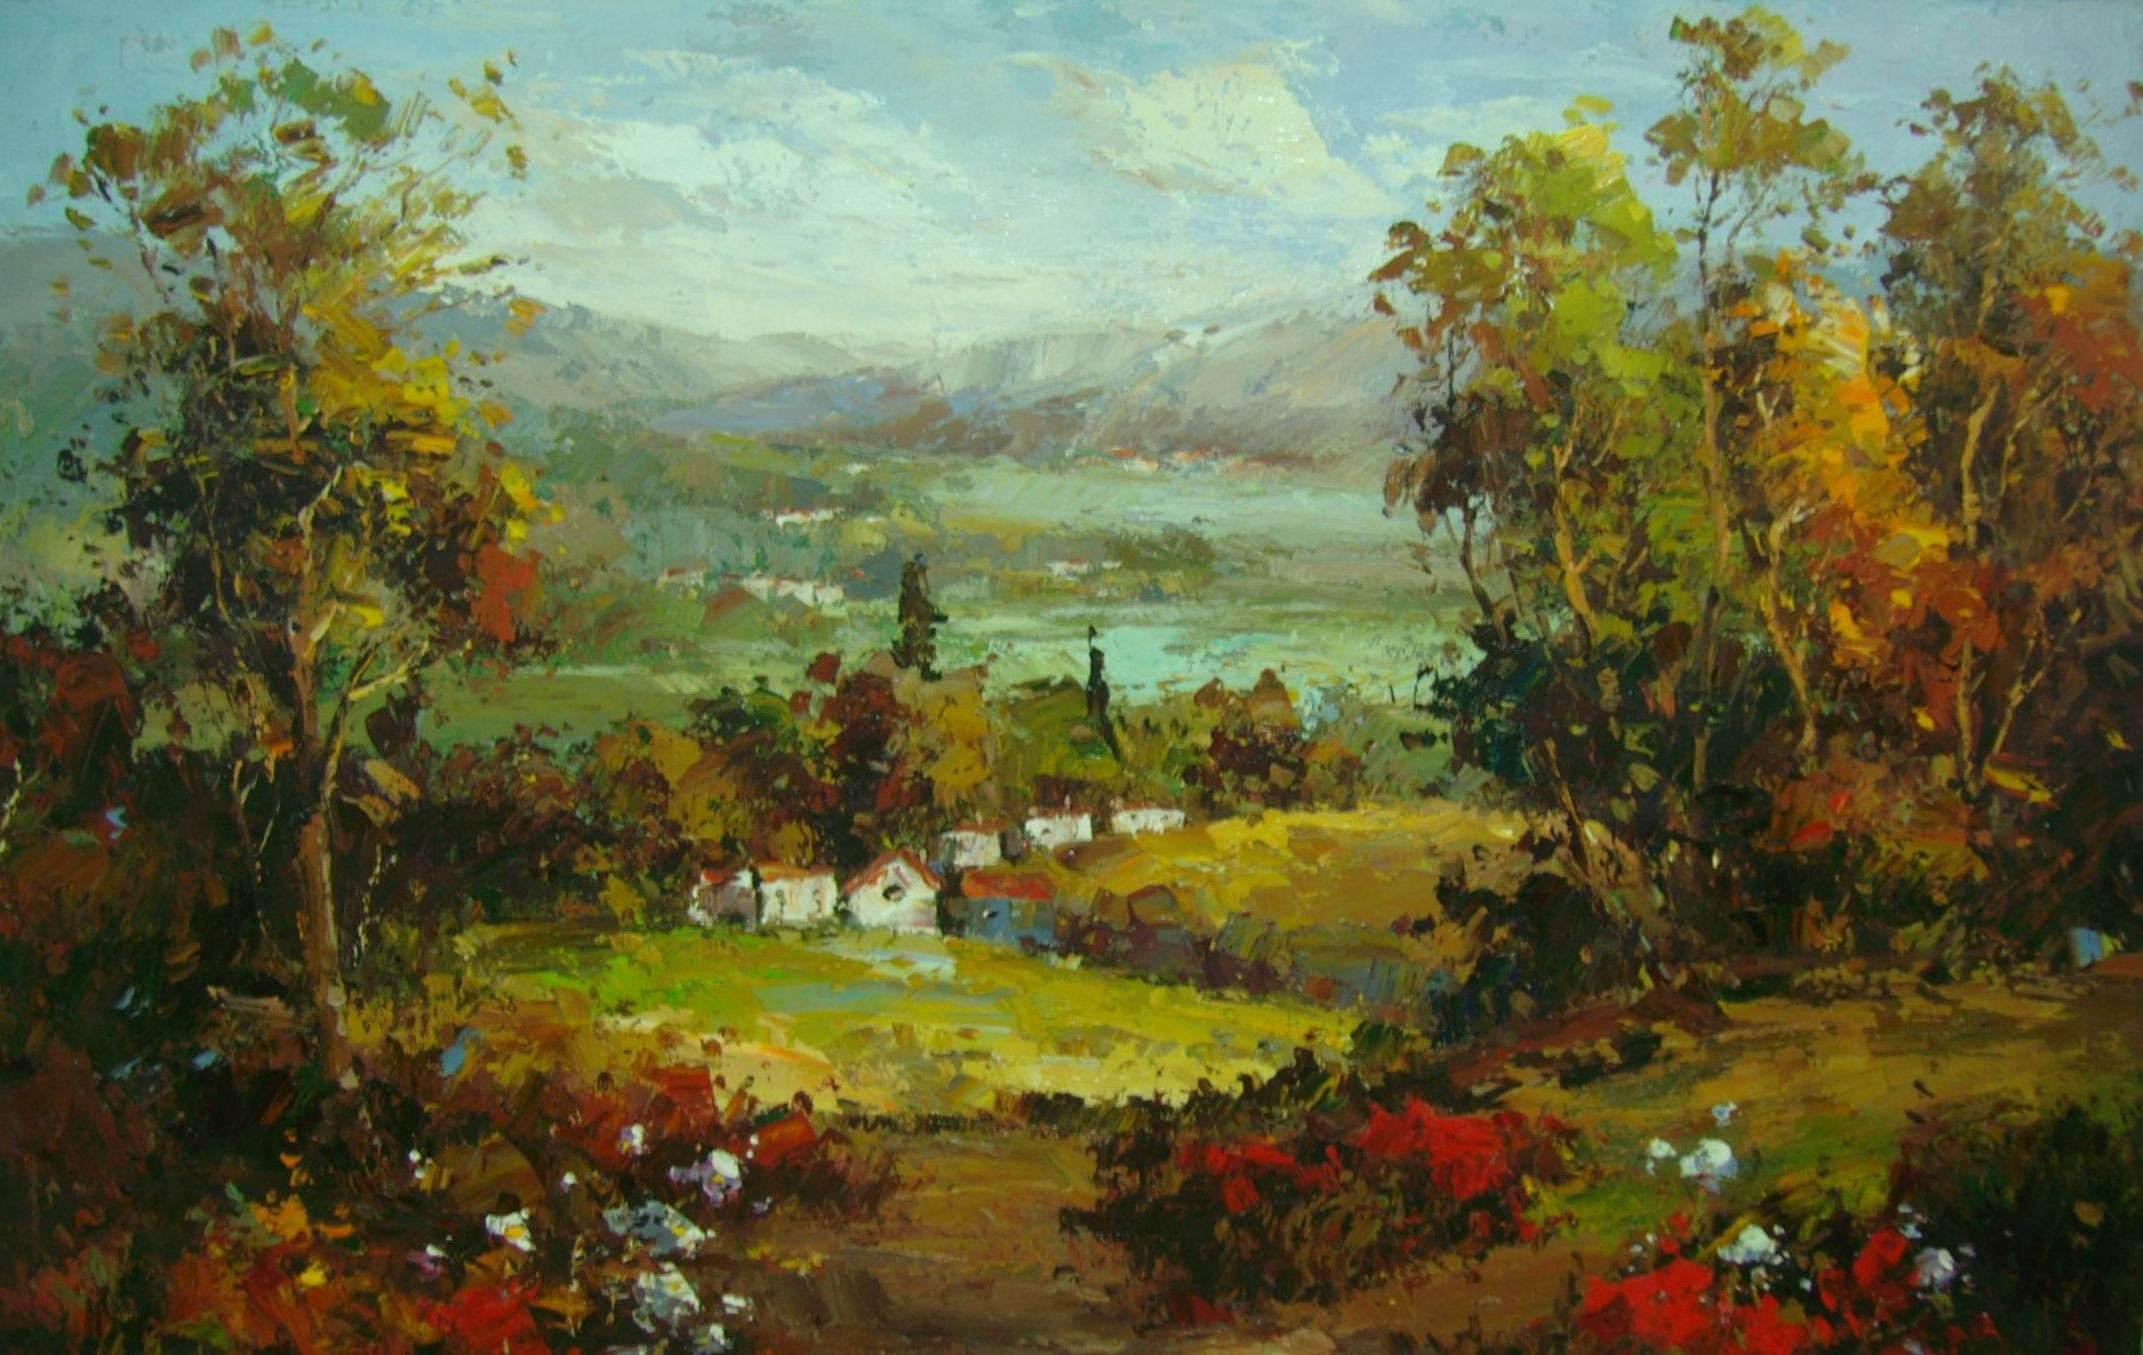 西方油画大师有哪些_谁那有一些油画大师作品照片呀,给我推荐几个吧,拜托了 ...